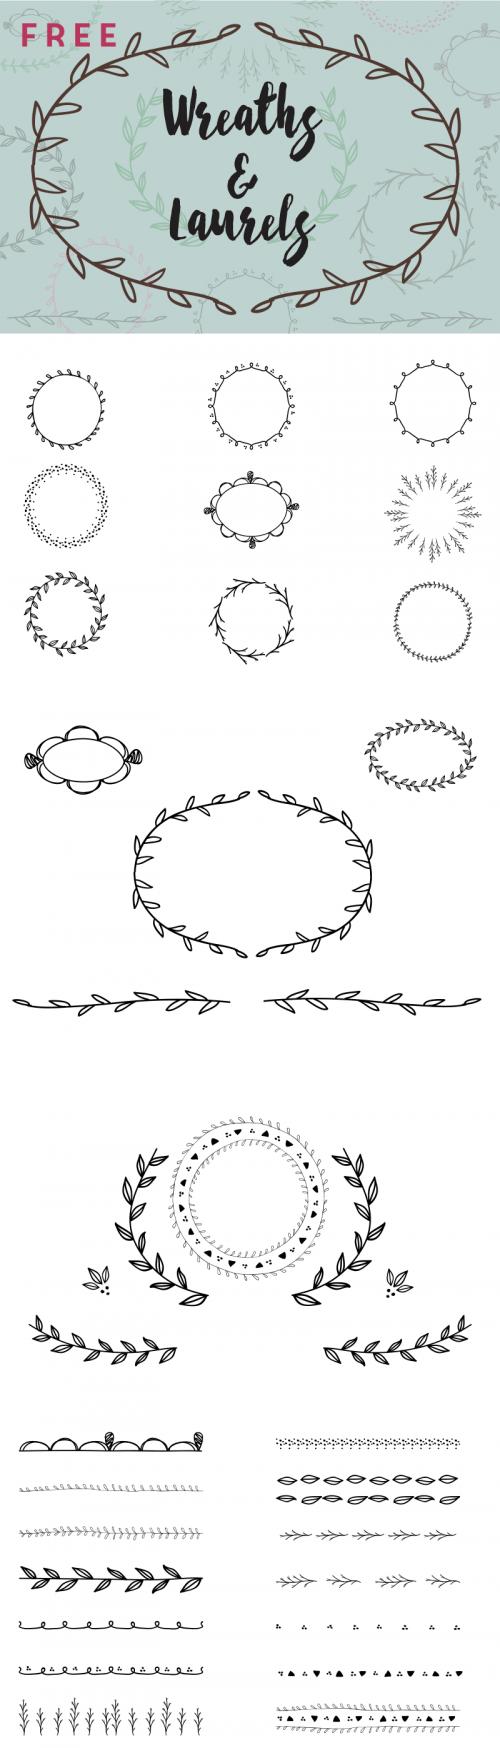 SSFS_Wreaths_Laurels-500x1748